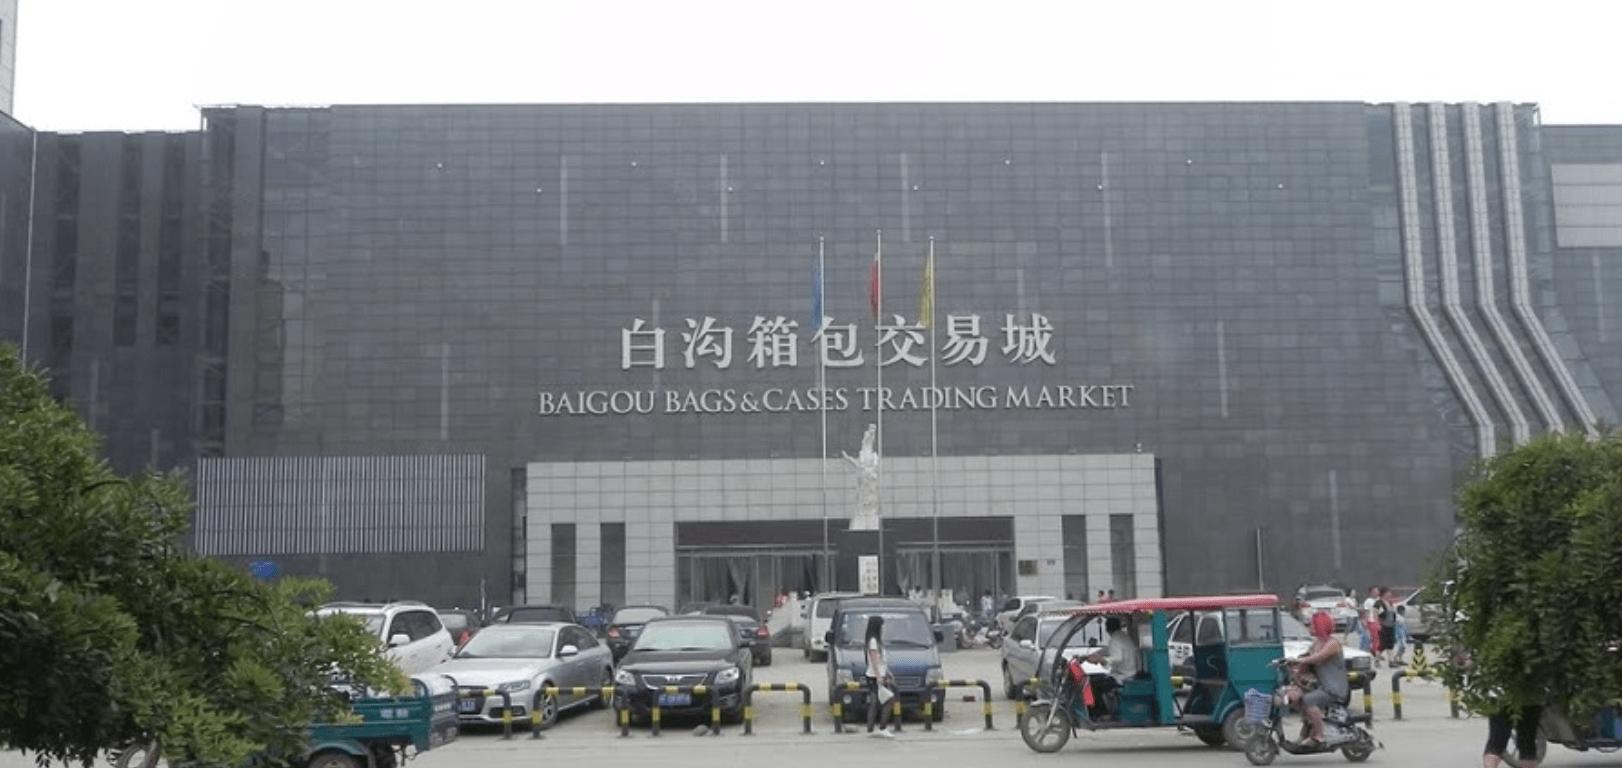 Baoding Baigou Bags Cases Trading Market